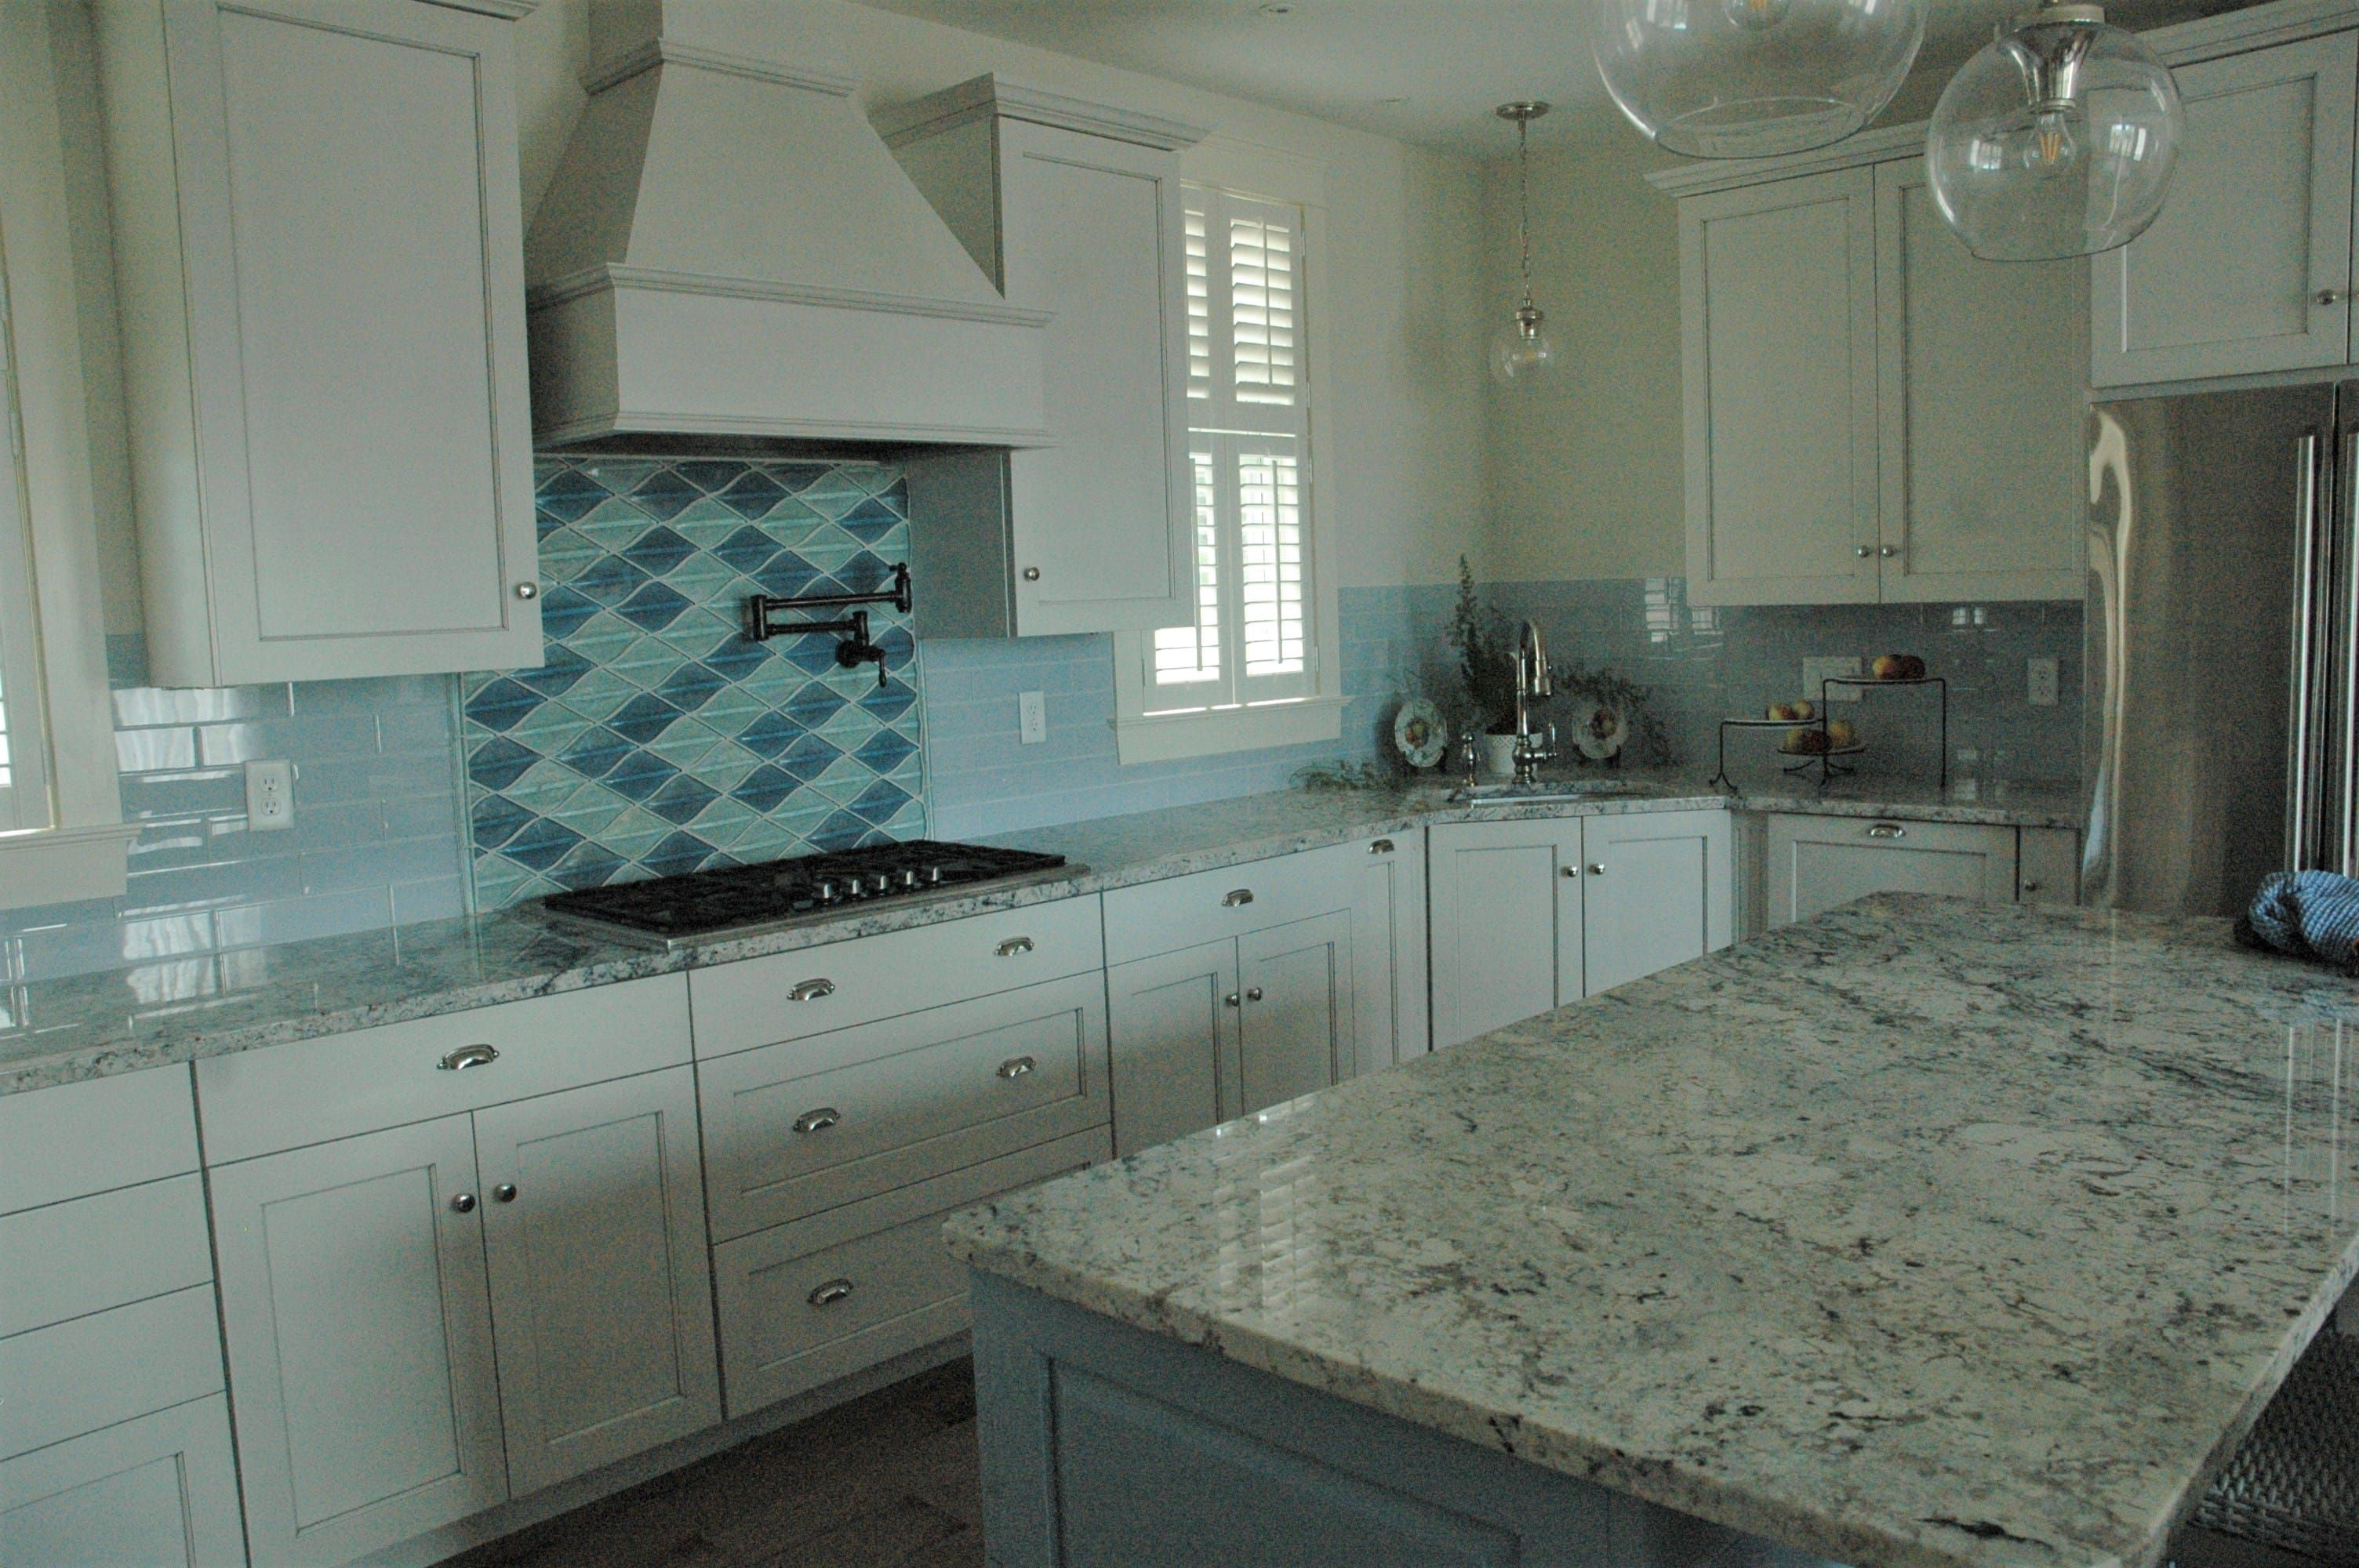 Kitchen backsplash glass oceanside glasstile elevations water colors